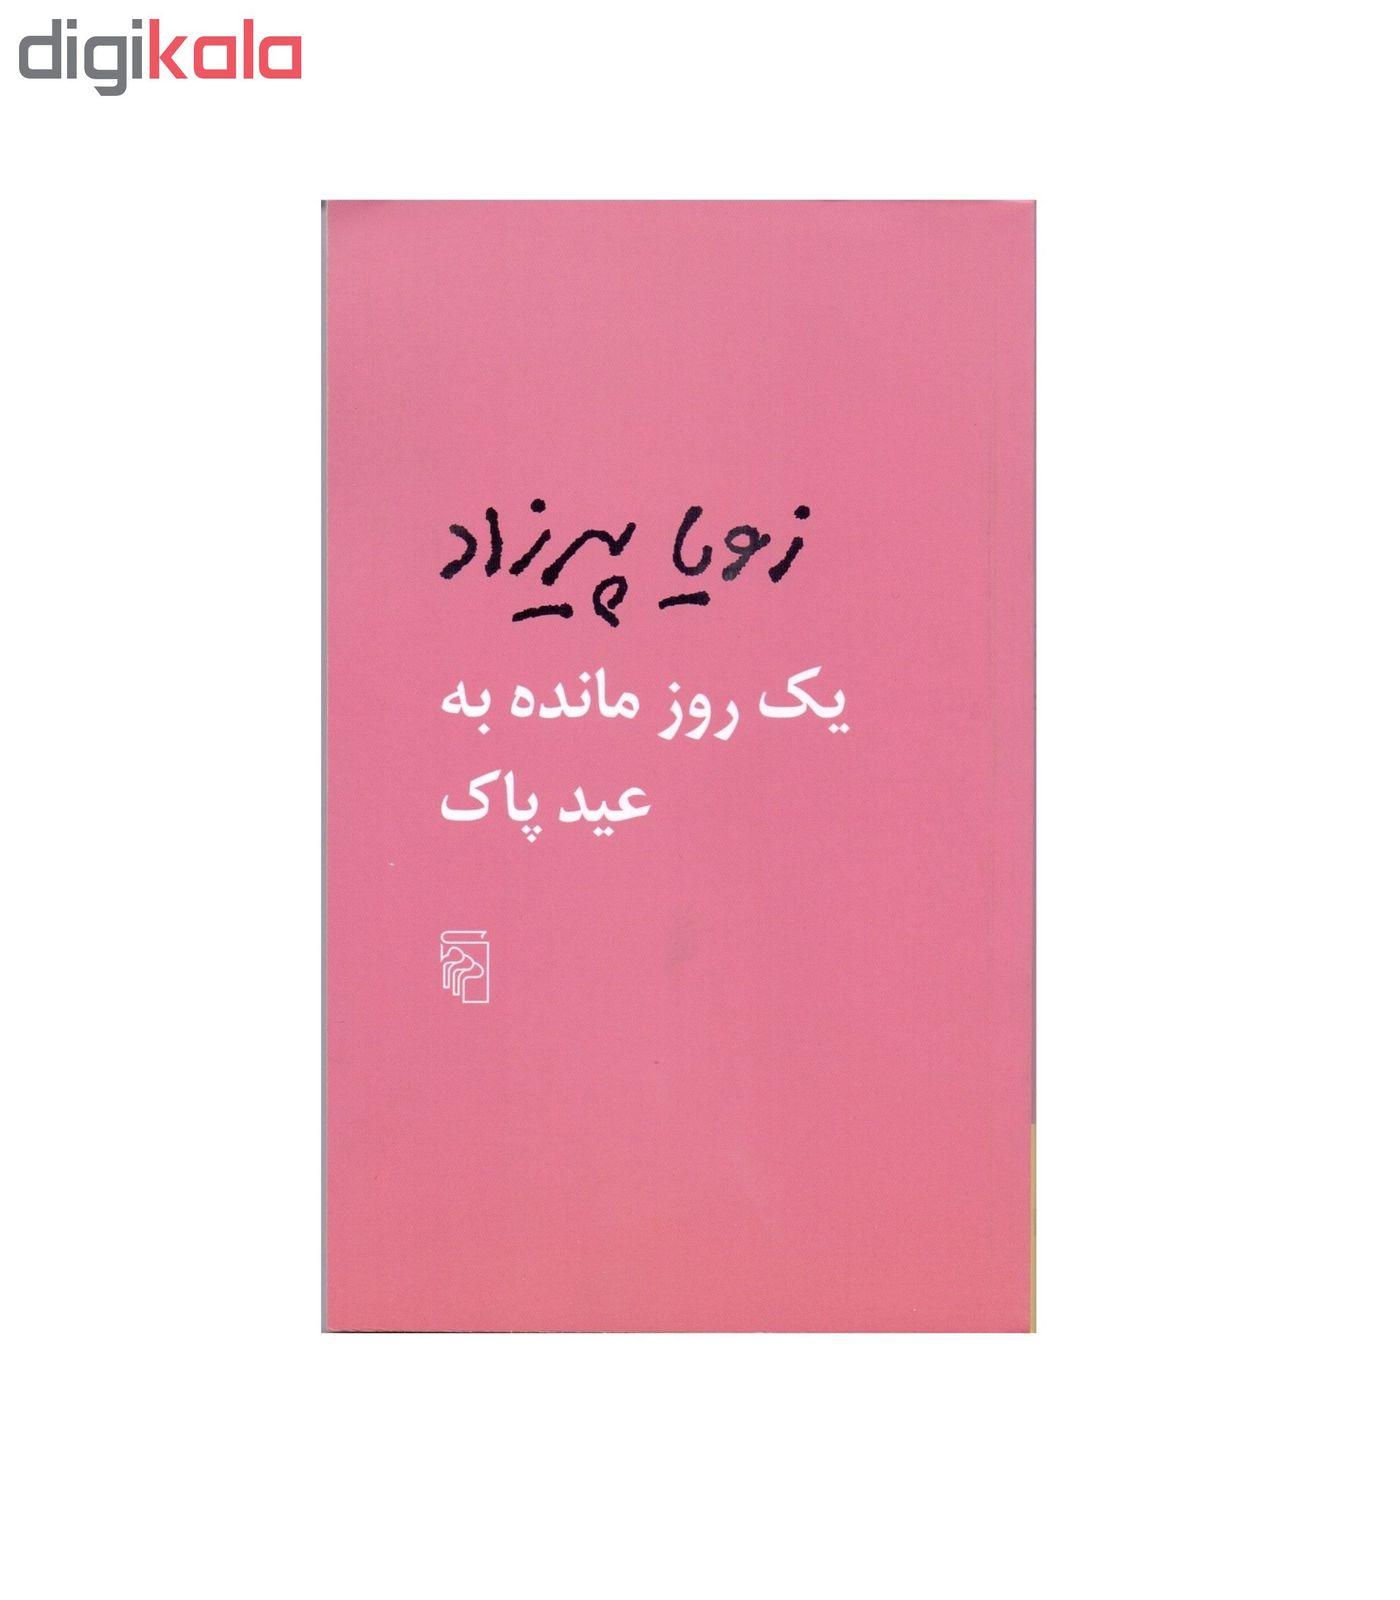 مجموعه کتاب های  مثل همه عصر ها  طعم گس خرمالو و  یک روز مانده به عید پاک اثر زویا پیرزاد نشرمرکز main 1 1